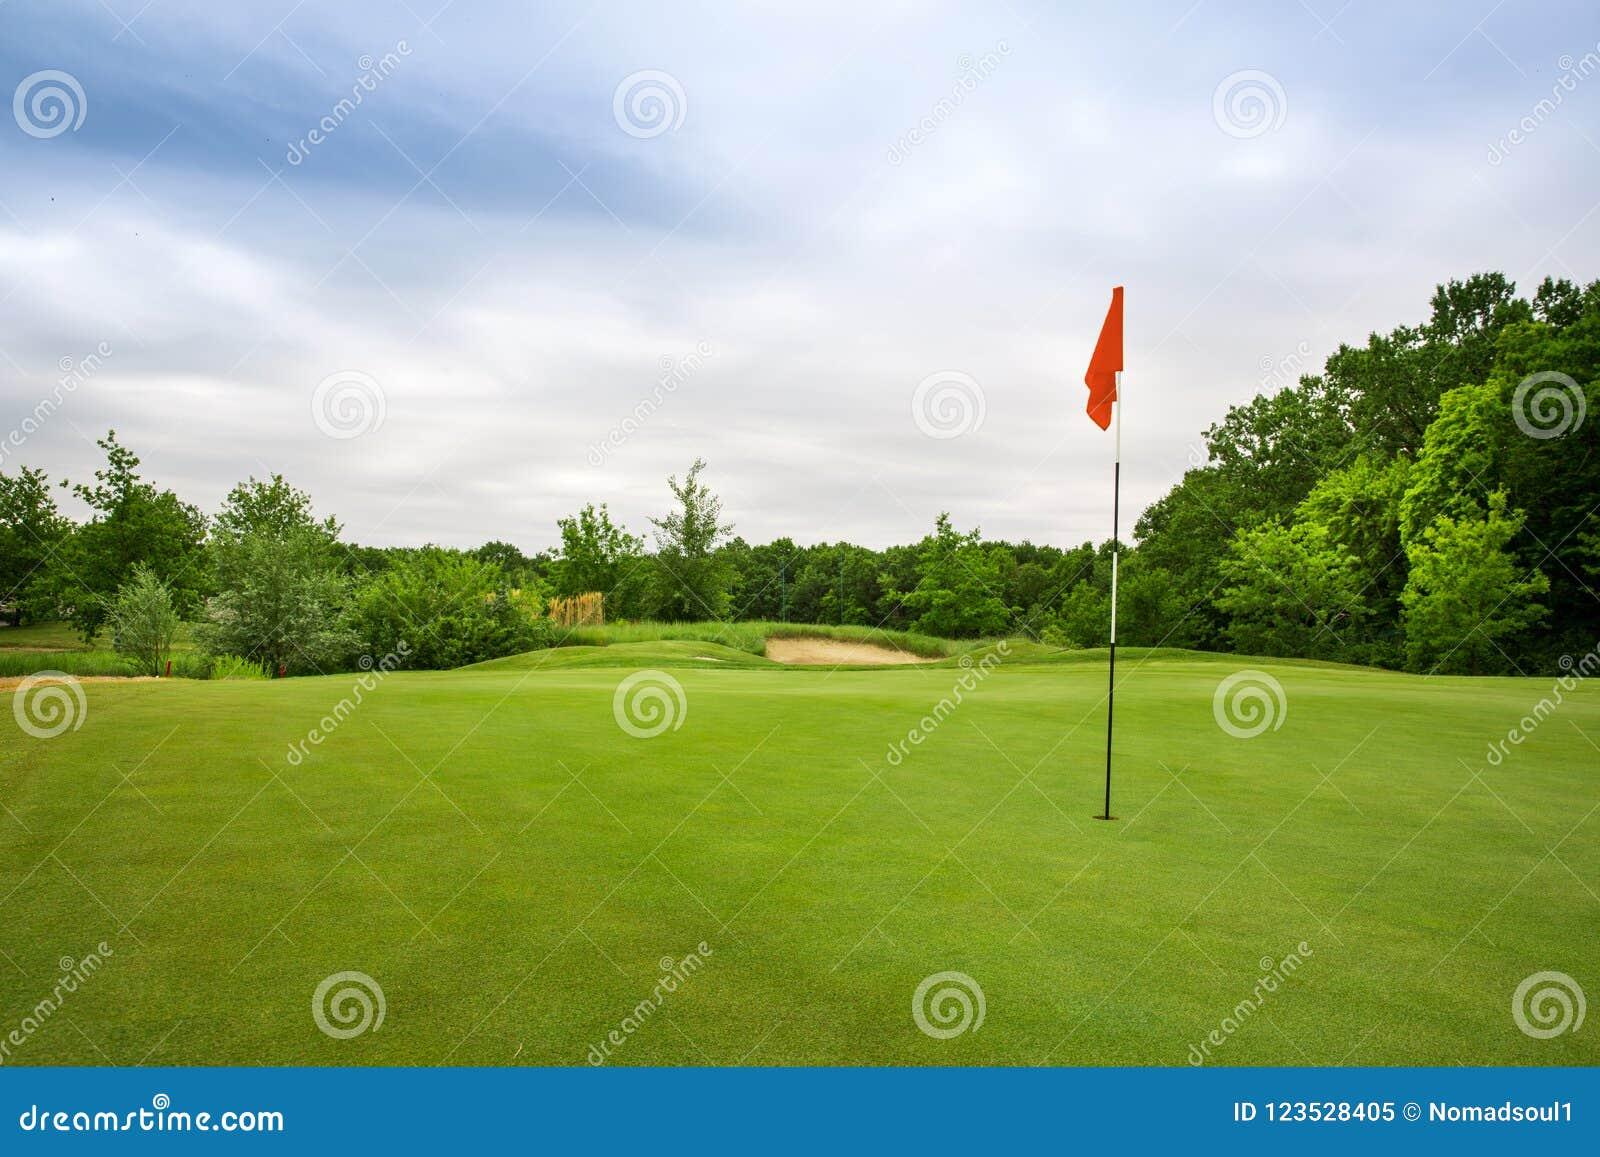 Furo final com bandeira, gramado no campo de golfe